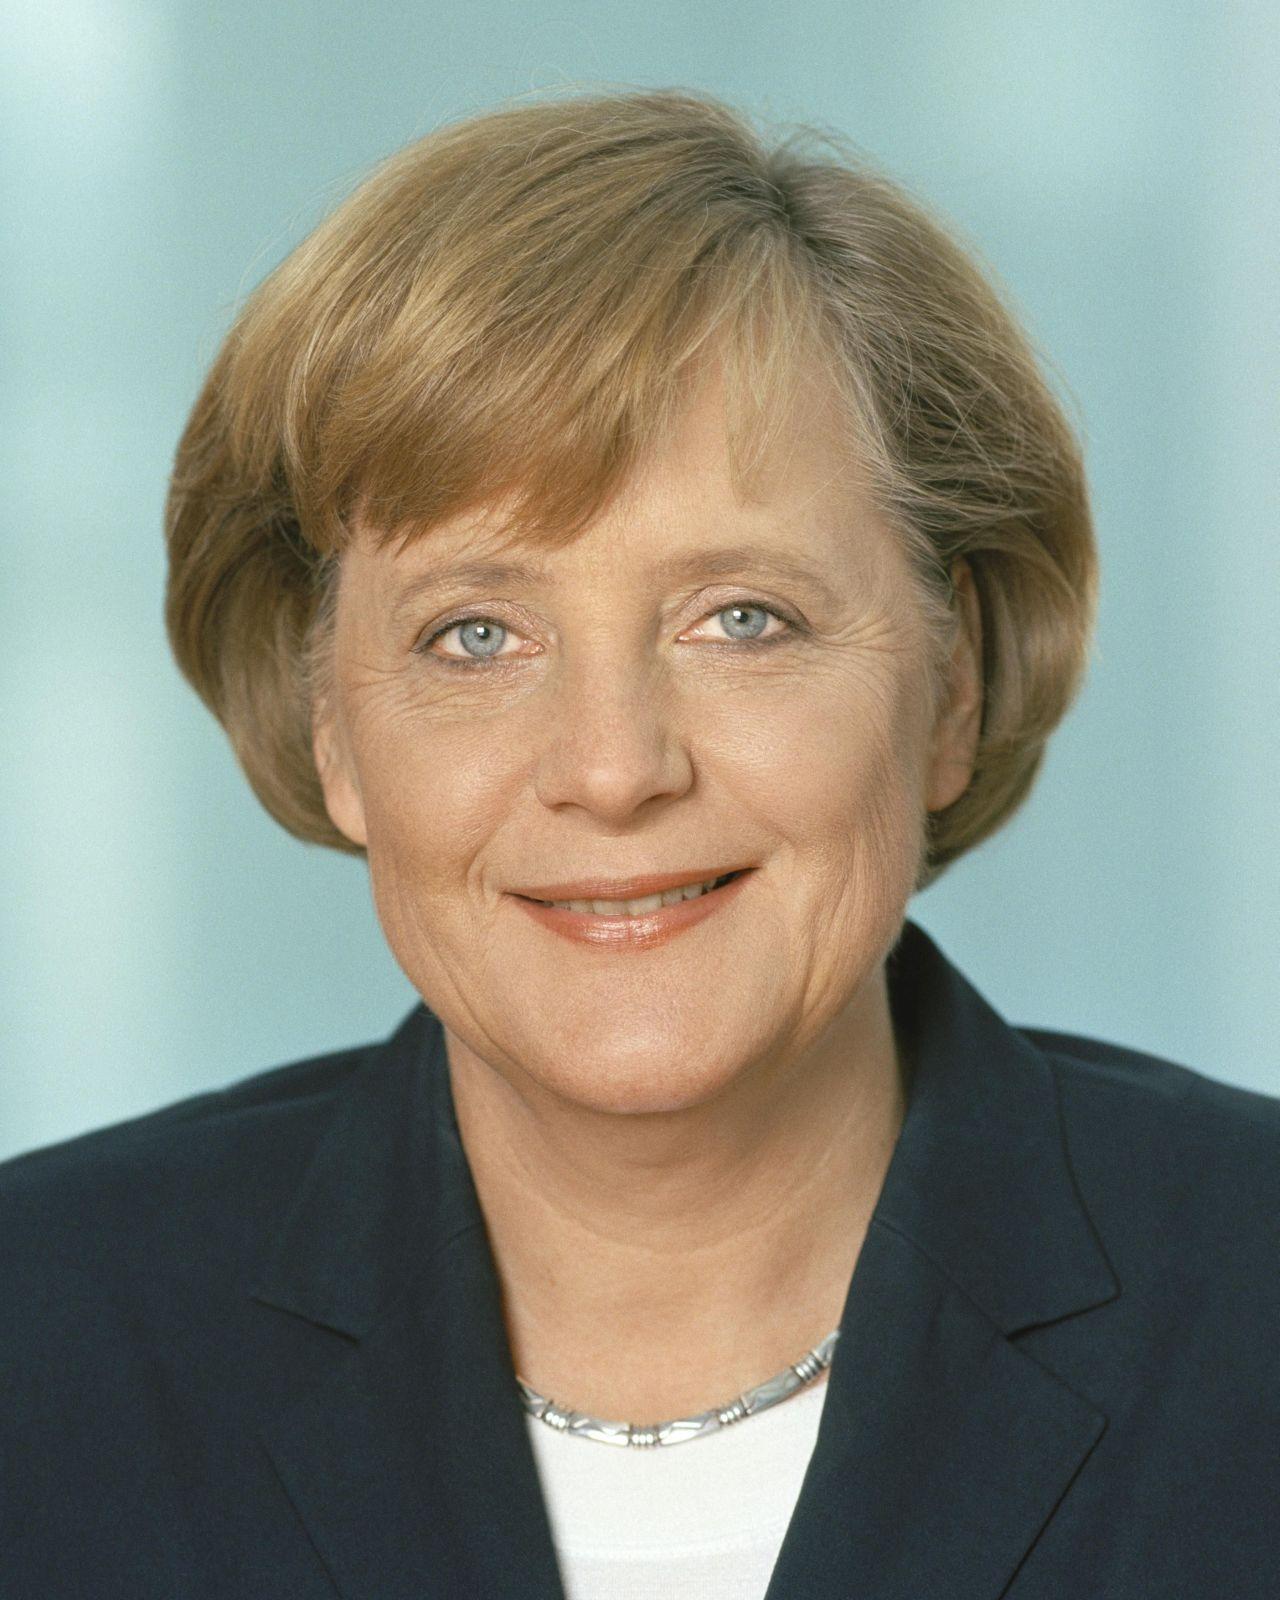 Offizielles Porträt von Angela Merkel, Bundeskanzlerin der Bundesrepublik Deutschland (seit 2005).